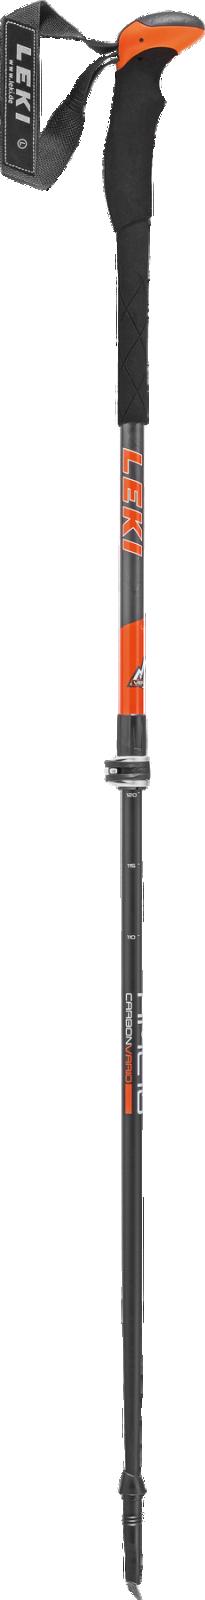 Leki Aergon Lite 2 Carbon